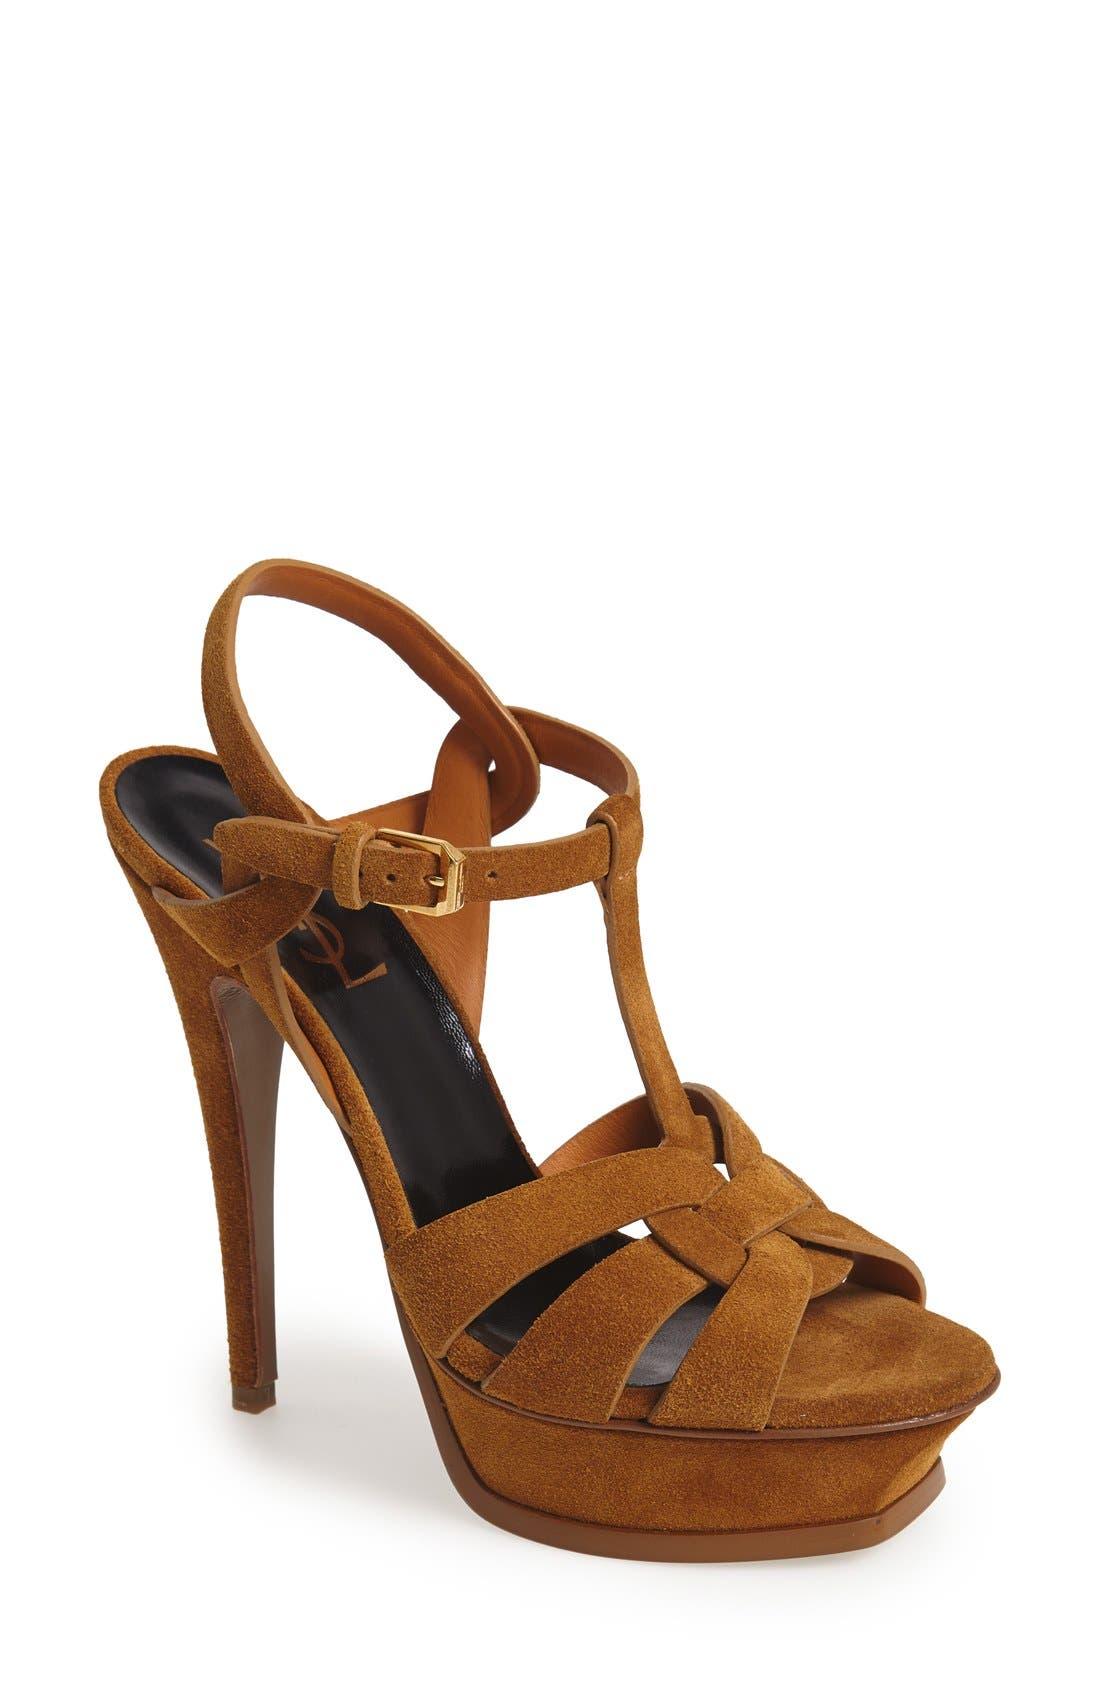 Main Image - Saint Laurent 'Tribute' Suede T-Strap Sandal (Women)